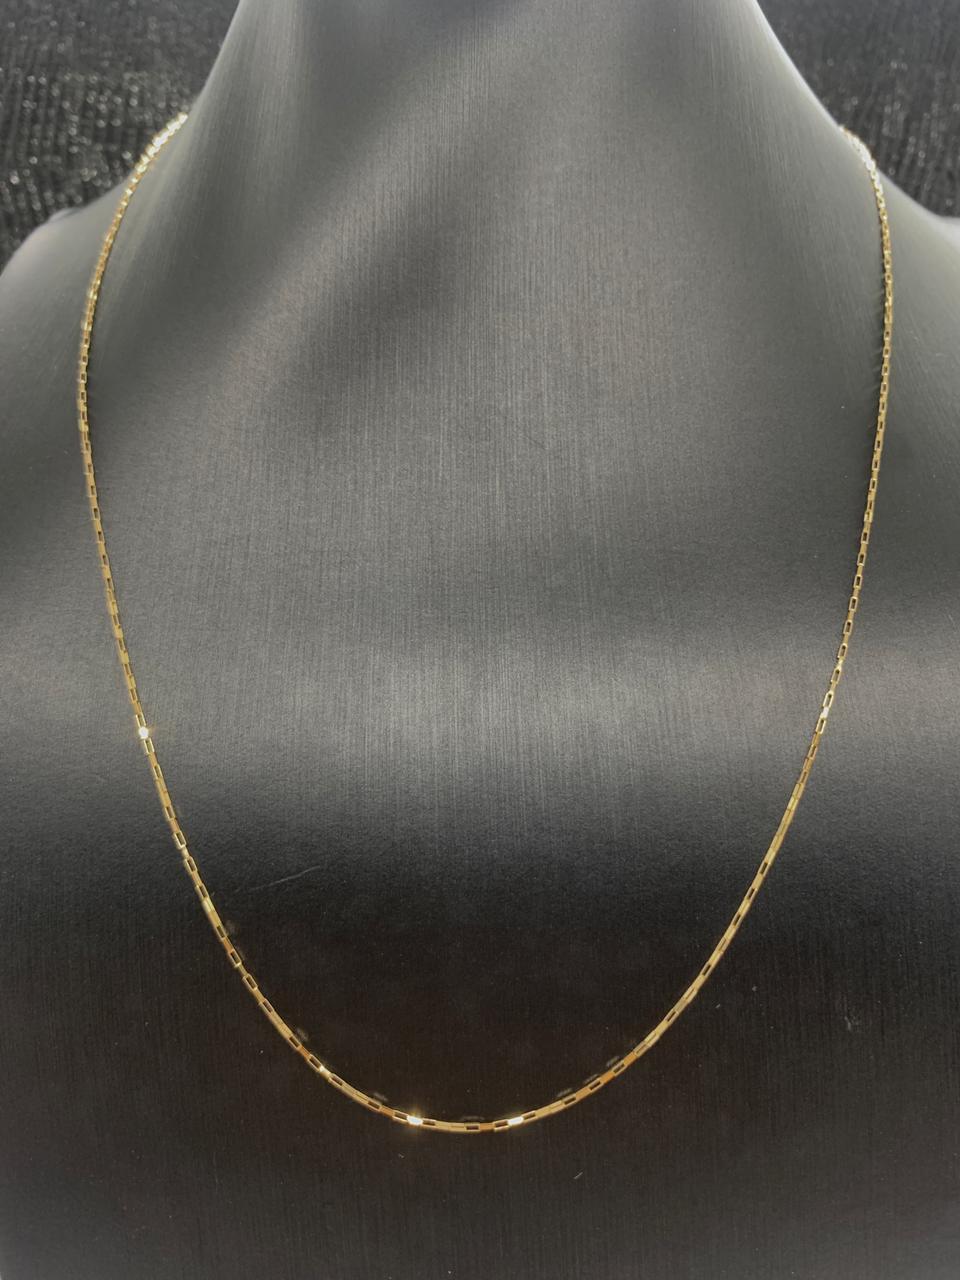 Corrente Ouro 18k 50cm